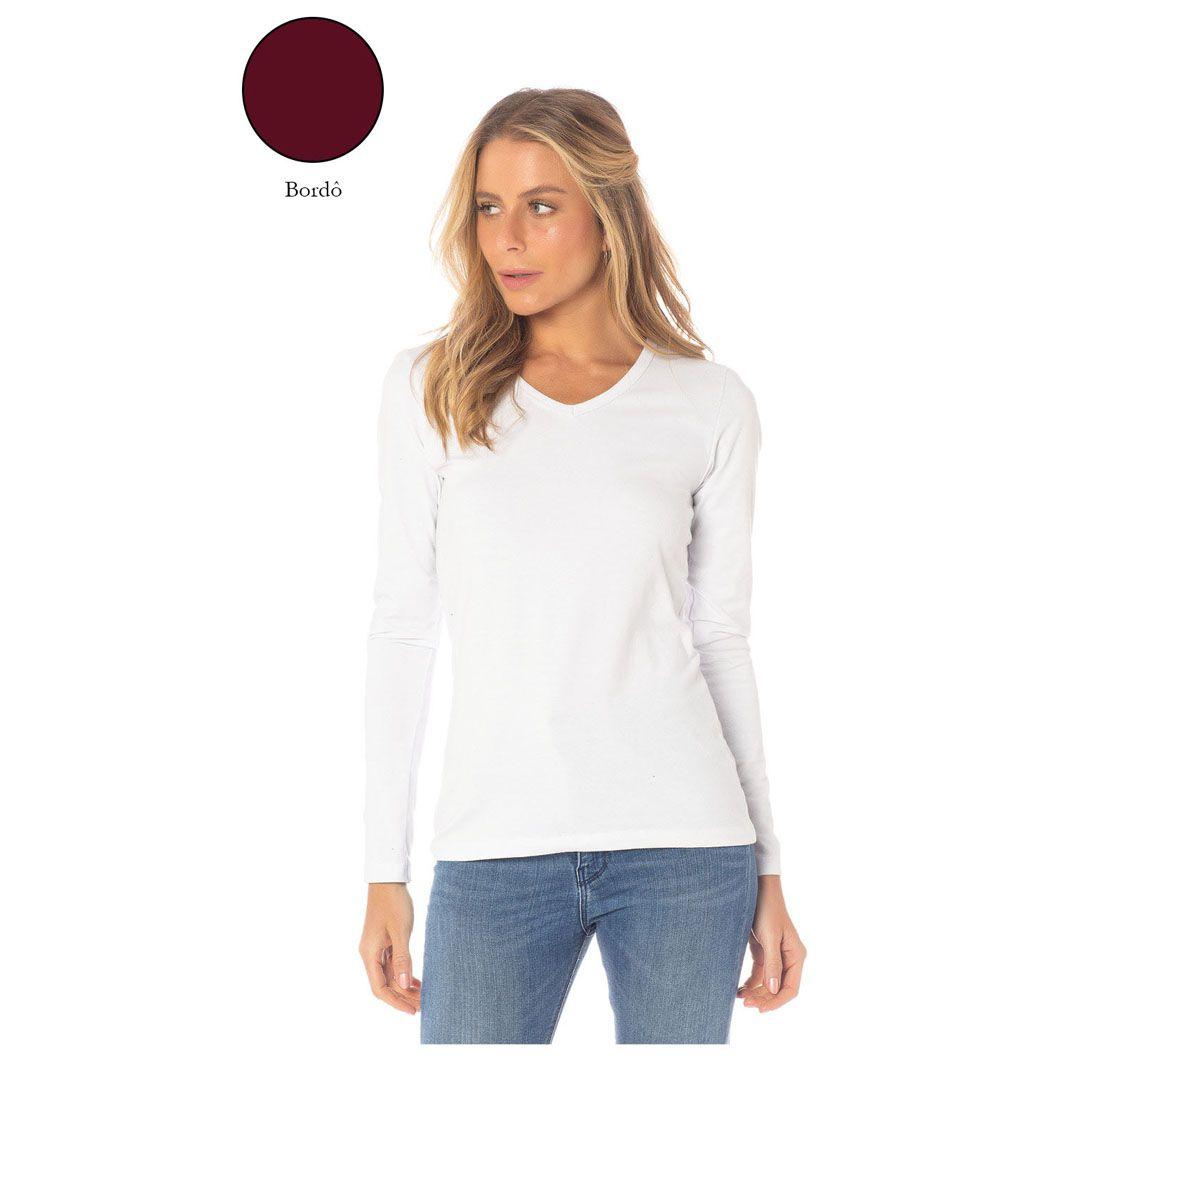 Camiseta Manga Longa Feminina Sba 61122